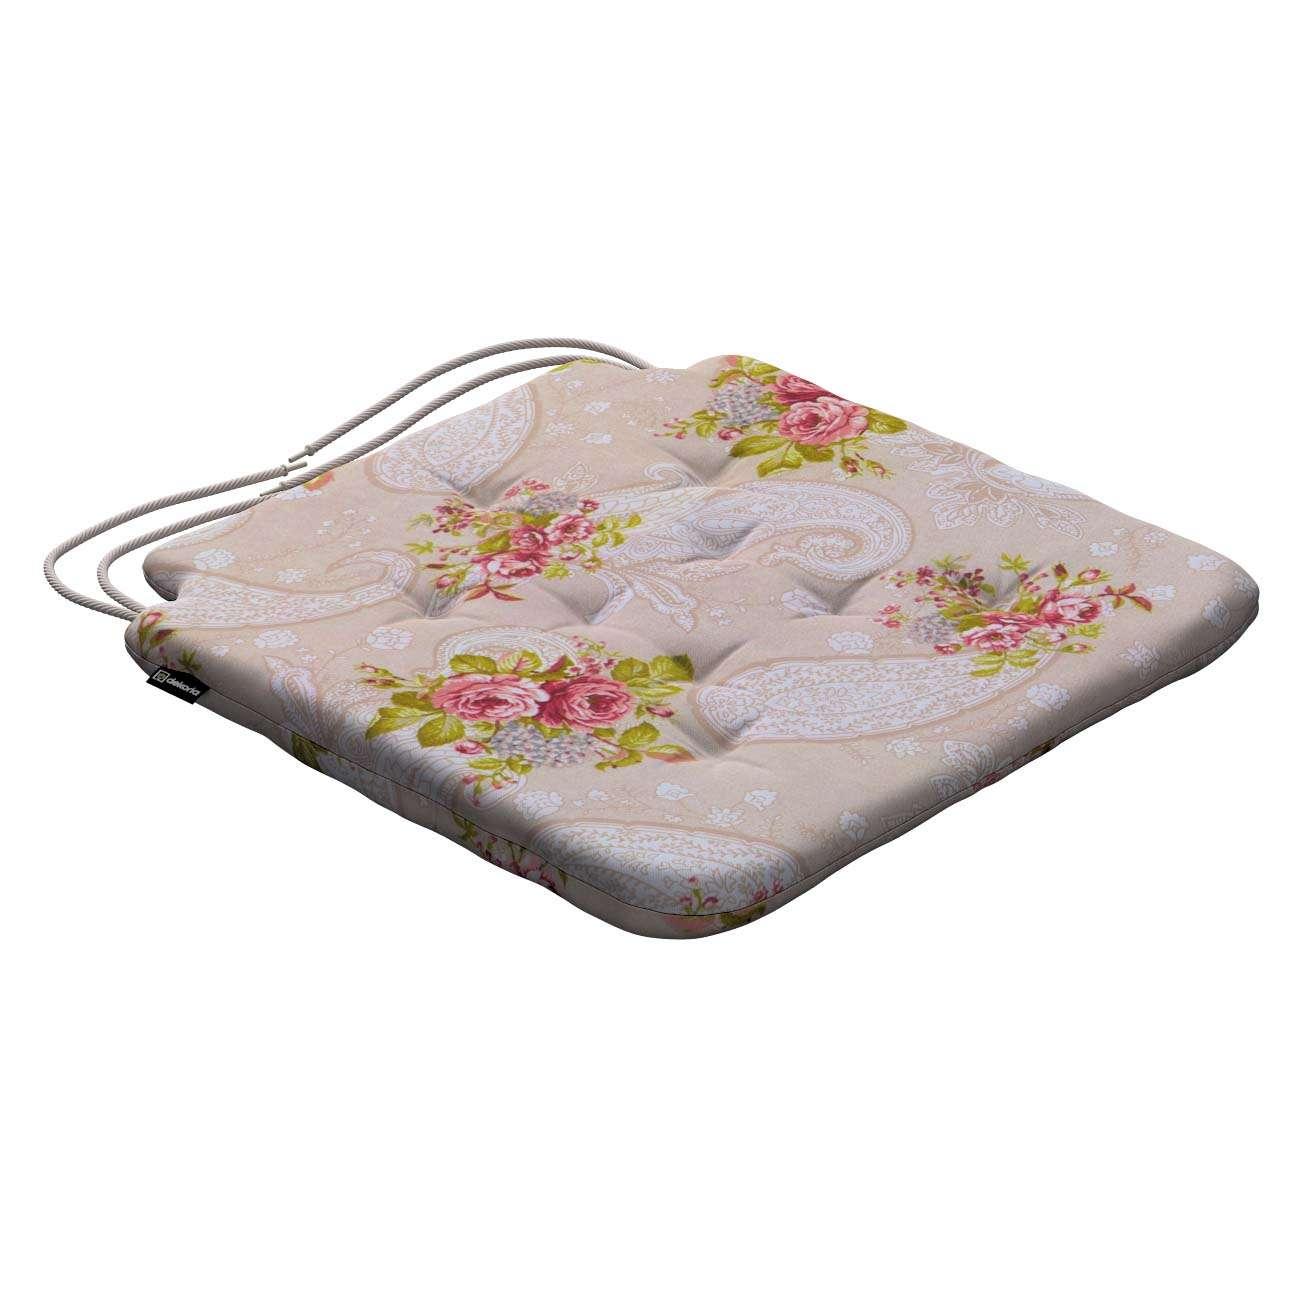 Stuhlkissen Christoph mit Bindeschnur, Rosen auf dem beigen Hintergrund, 42 × 41 × 3,5 cm, Flowers | Heimtextilien > Decken und Kissen > Kissen | Dekoria